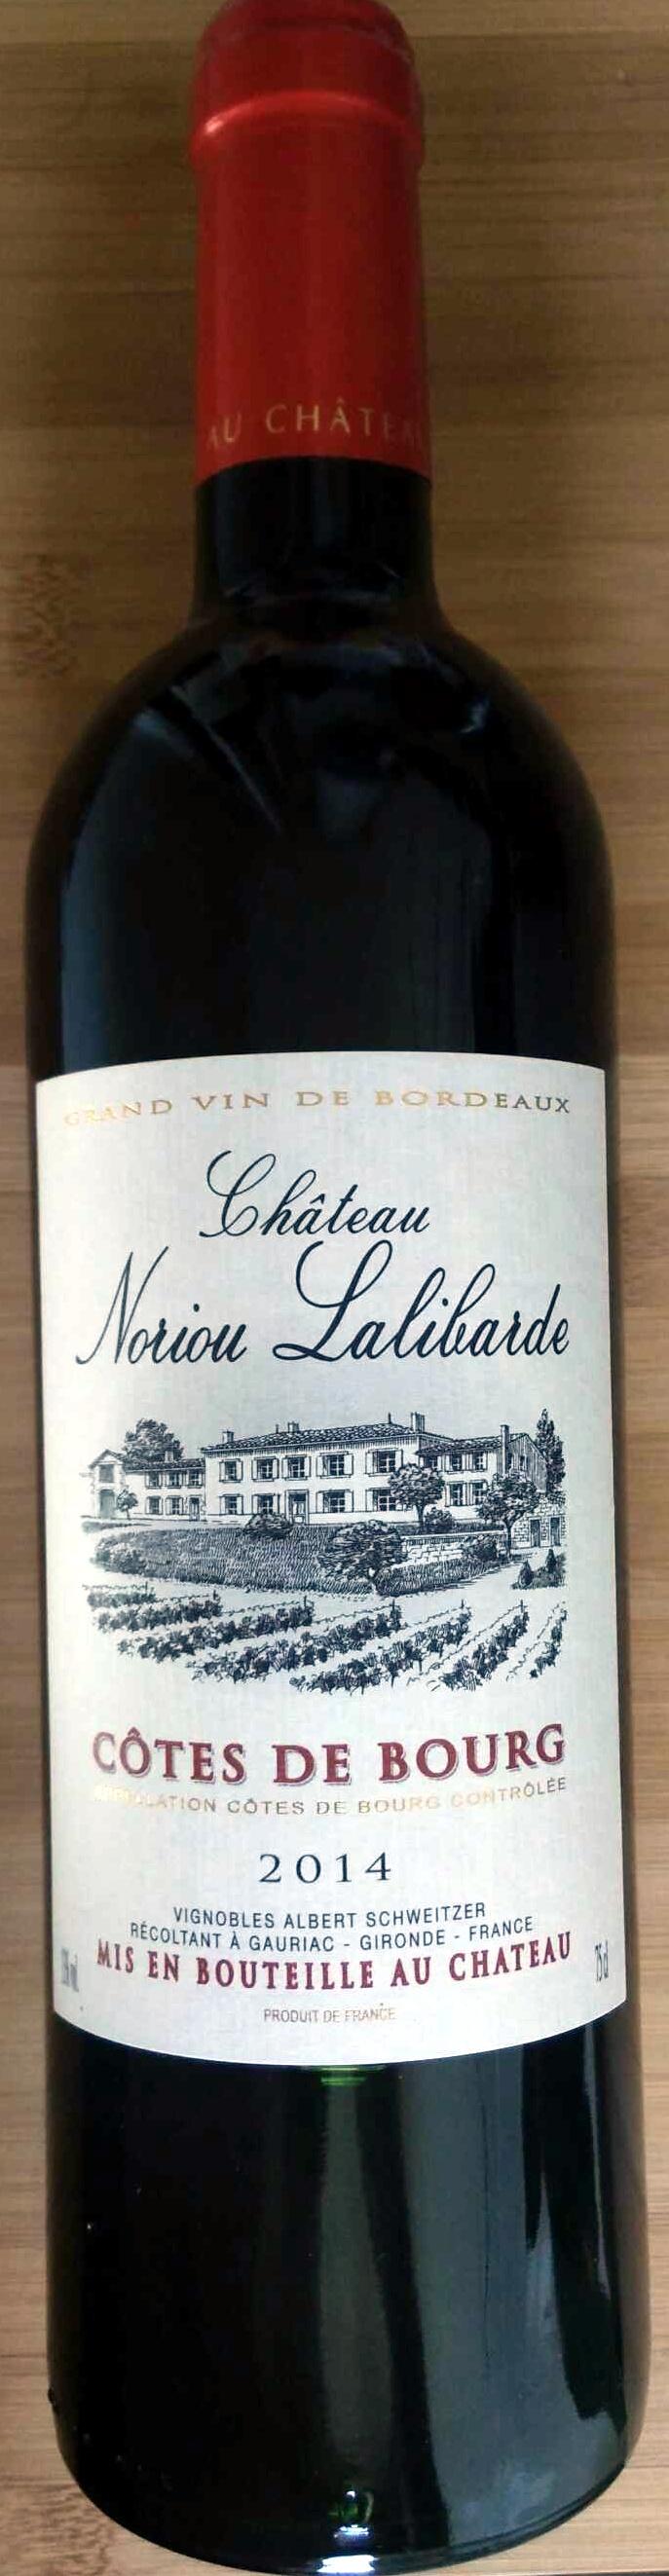 Côtes de Bourg - Product - fr